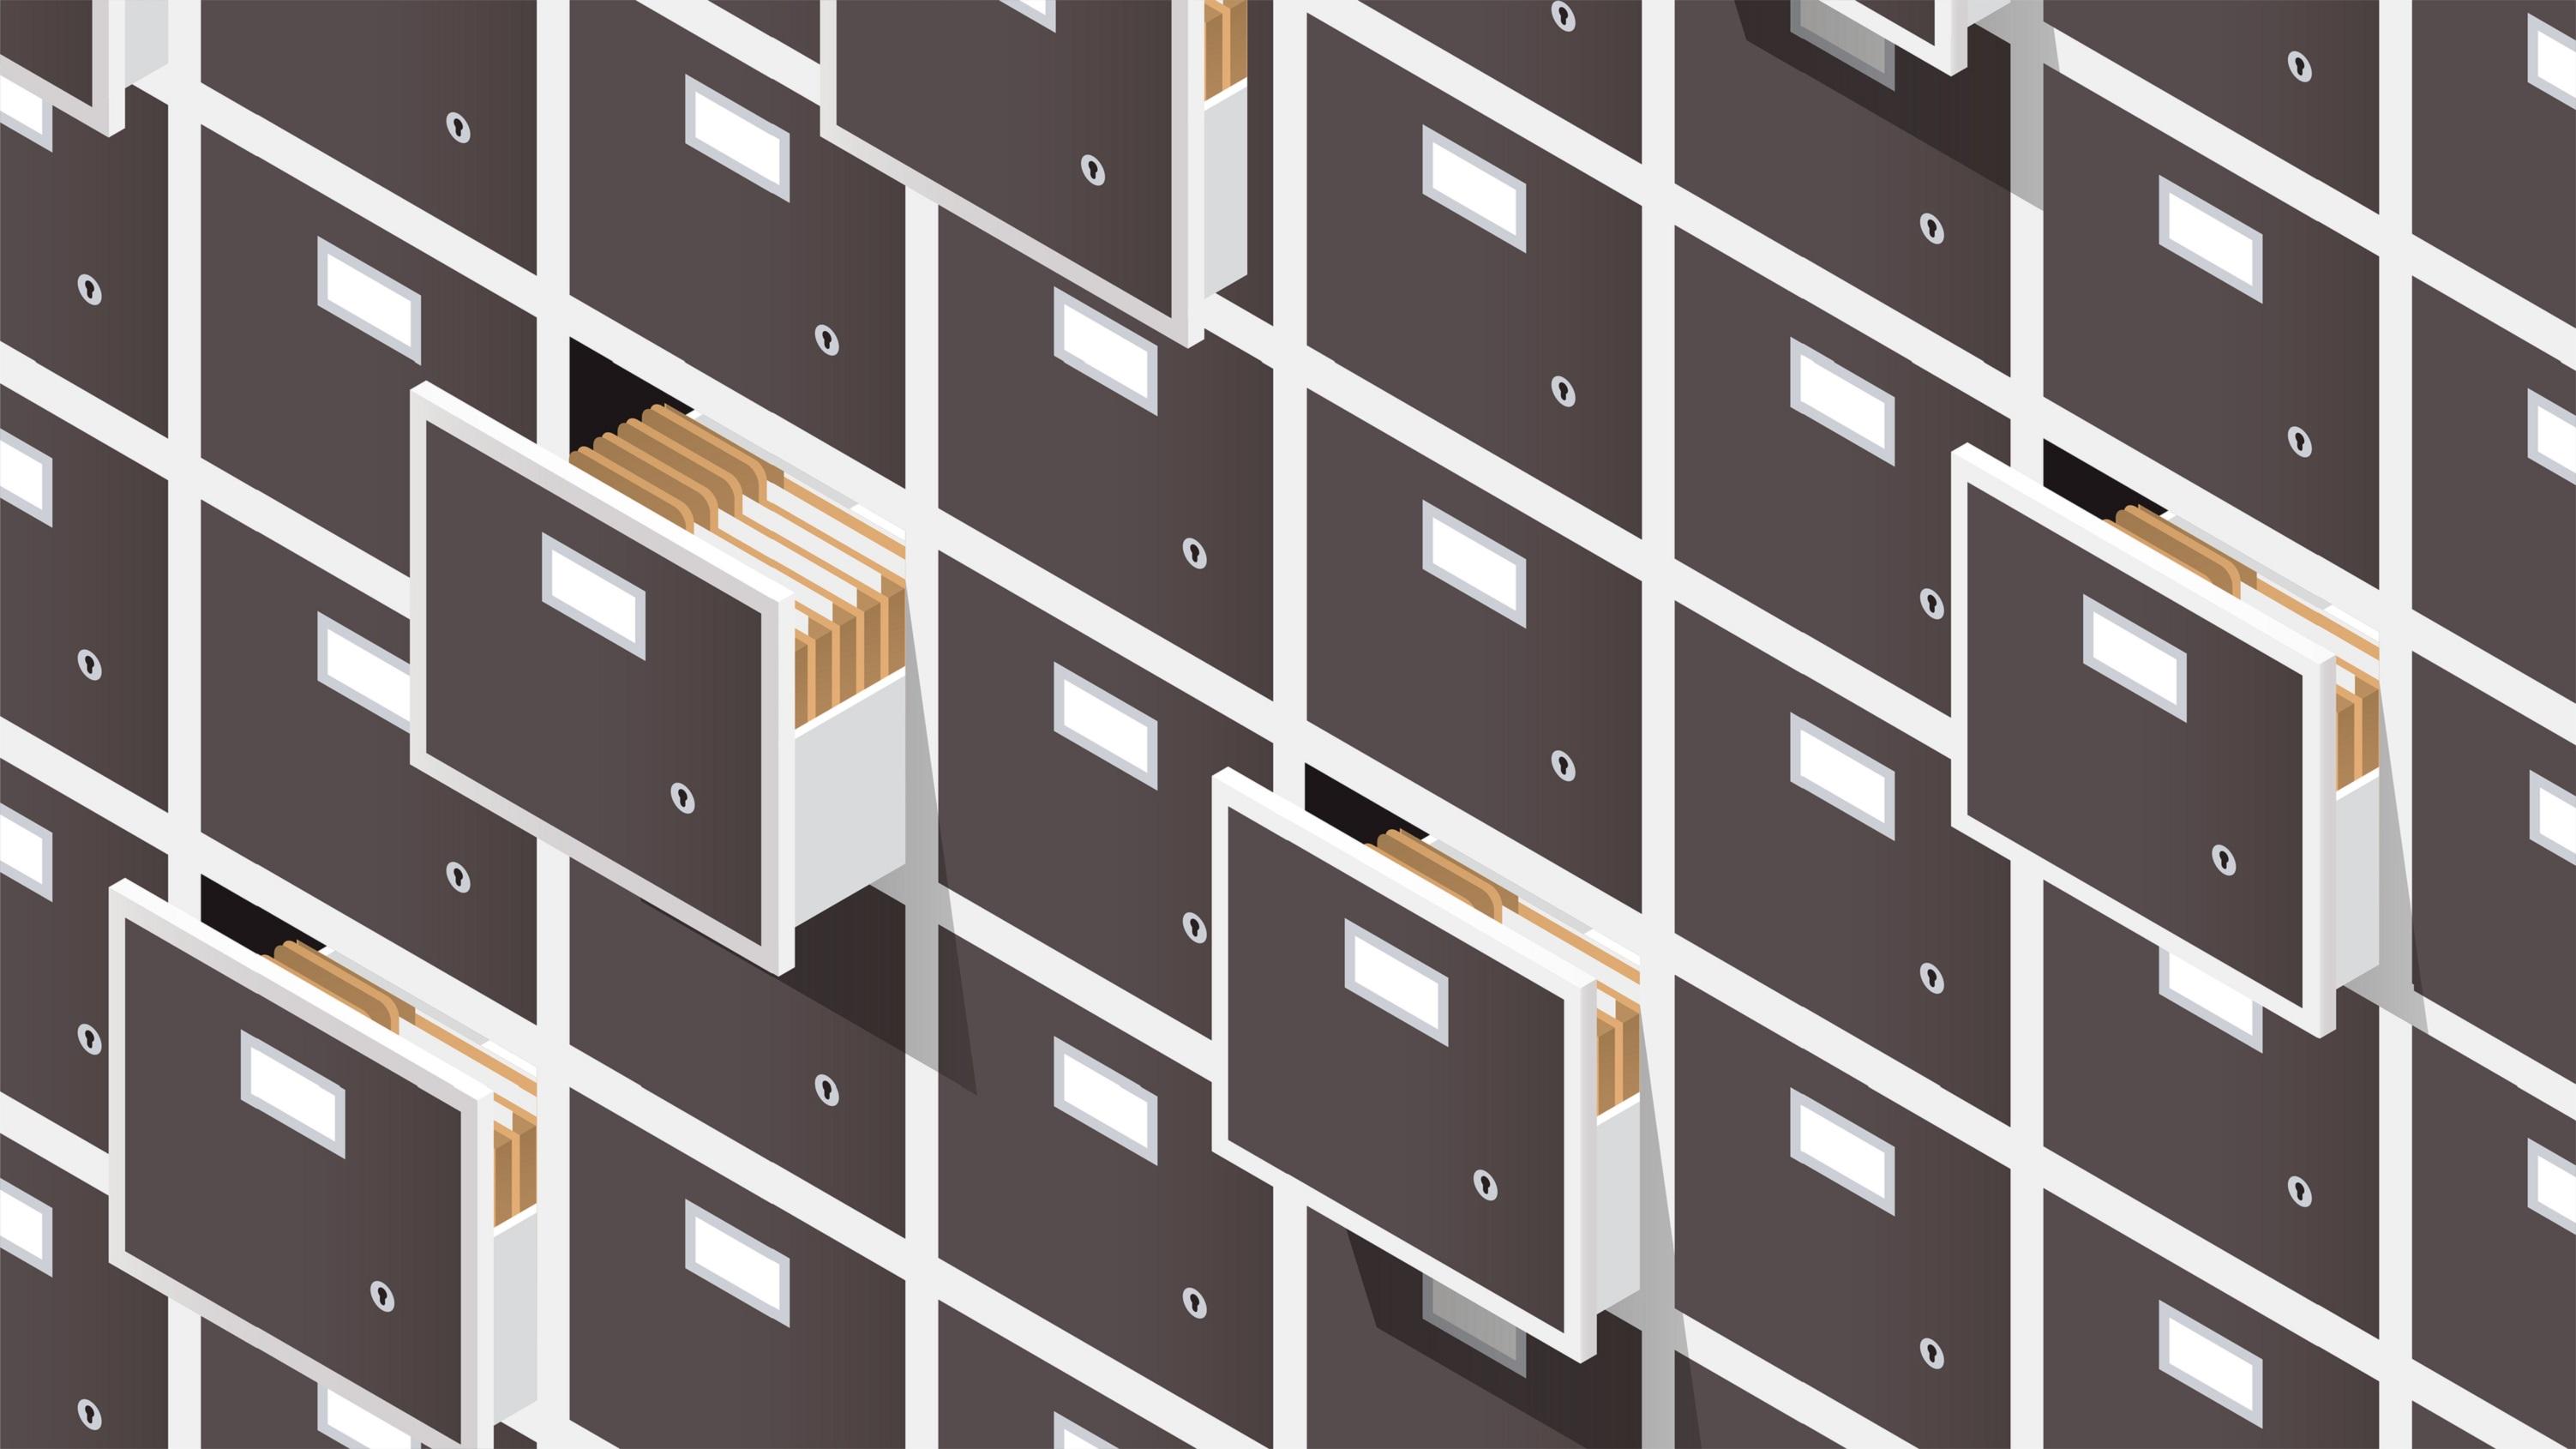 Almacenamiento de archivos y carpetas